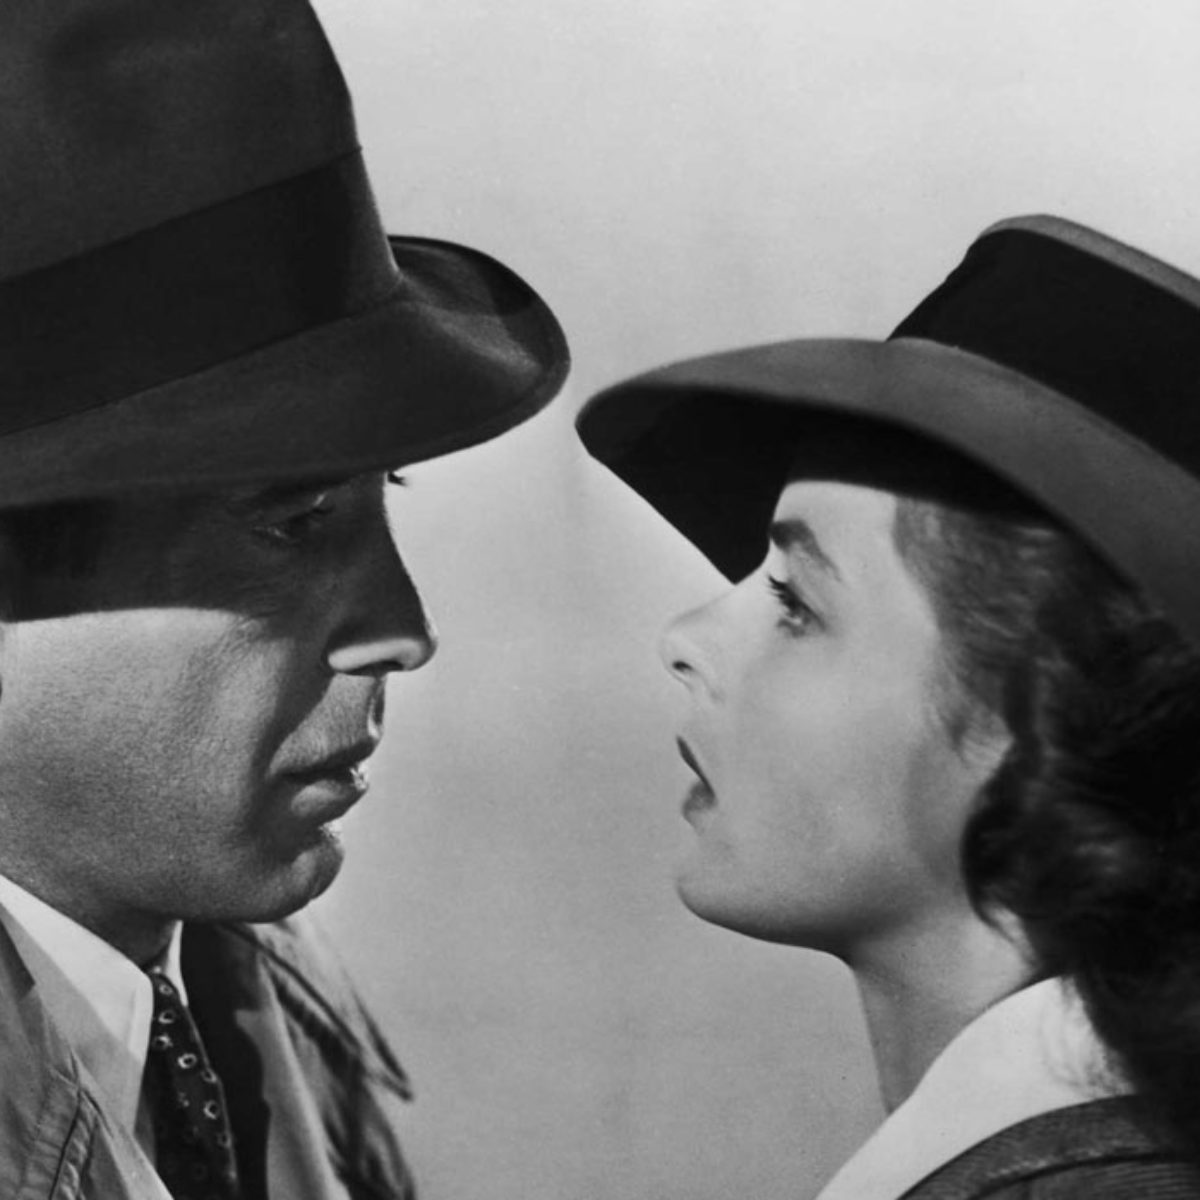 Frasi Sulla Delusione Greys Anatomy.Le 50 Piu Belle Frasi D Amore Tratte Dai Film E Dal Mondo Del Cinema